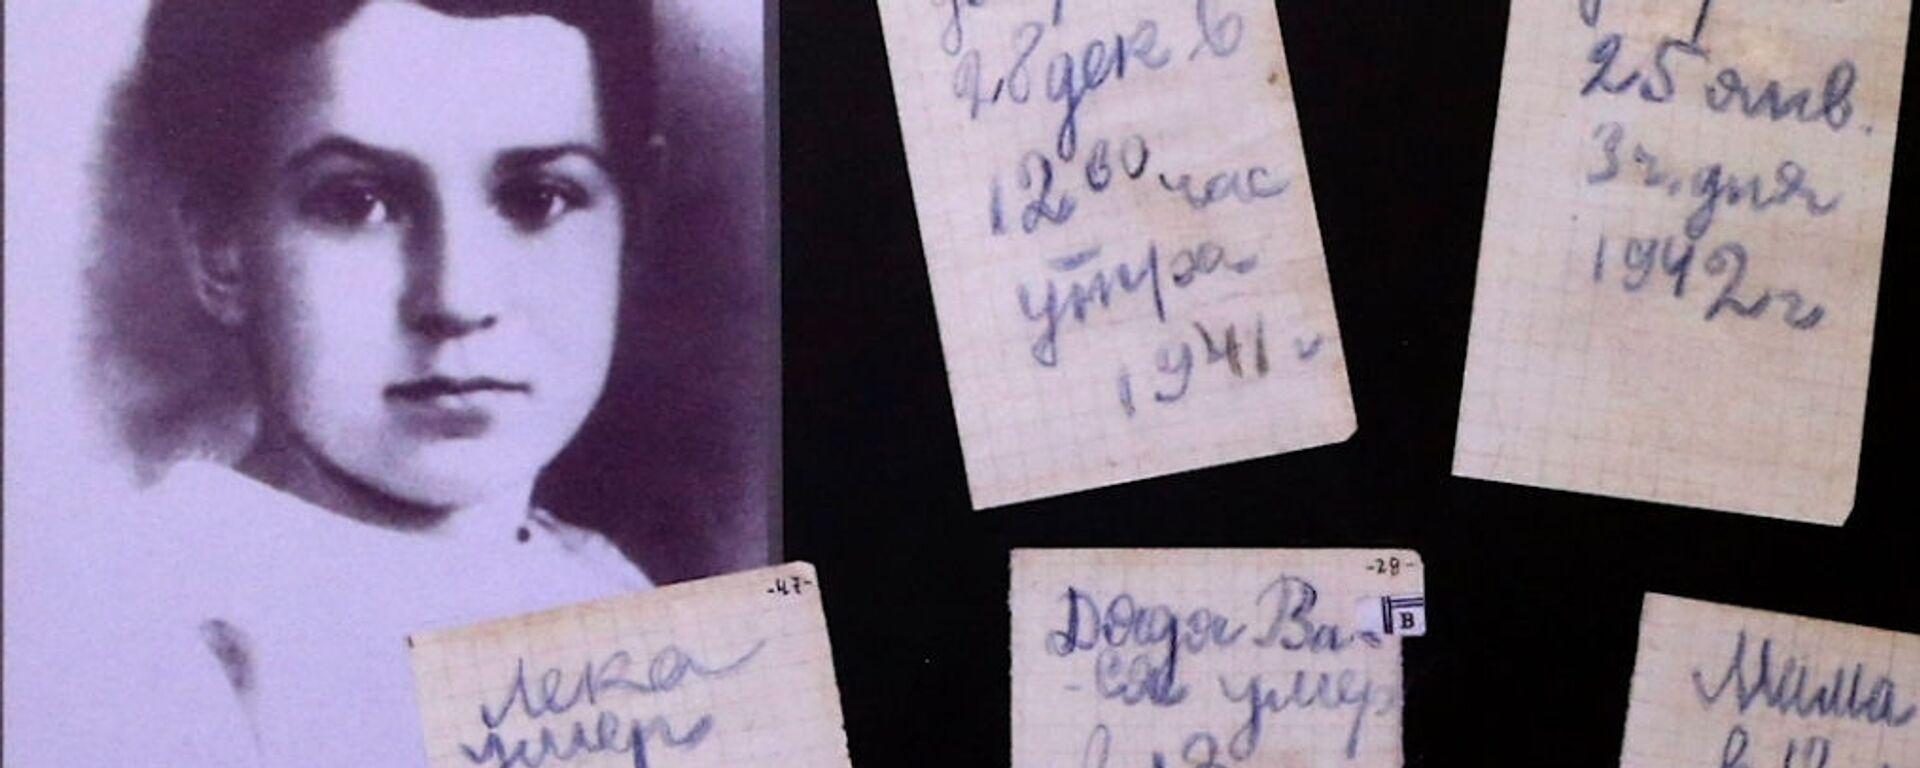 «Όλοι είναι νεκροί»: Το ημερολόγιο ενός μικρού κοριτσιού για τη φρίκη της πολιορκίας του Λένινγκραντ - Sputnik Ελλάδα, 1920, 02.07.2019